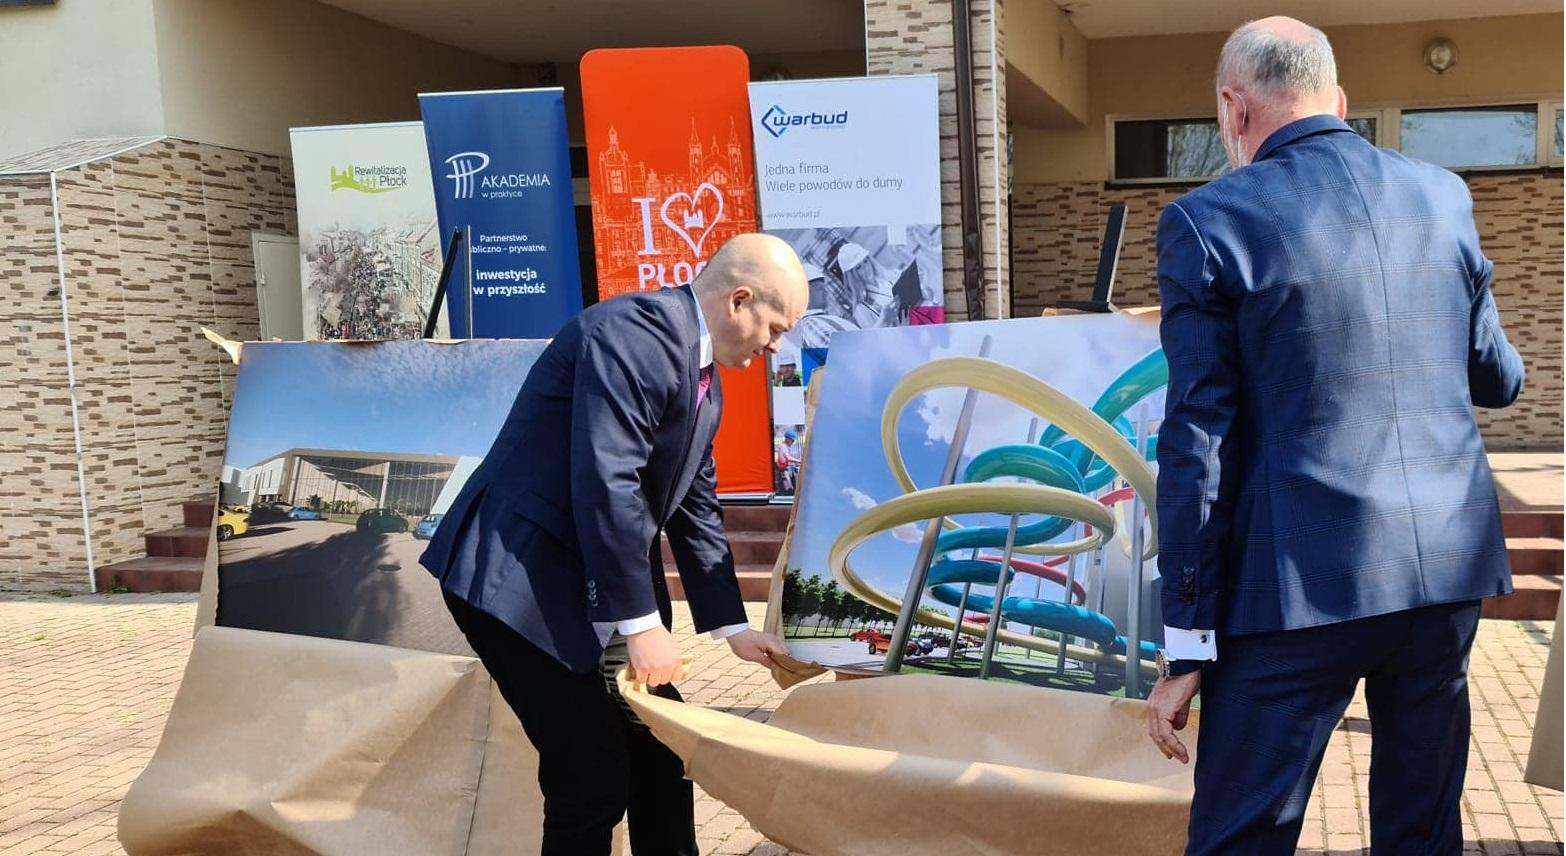 Inwestycja za ponad 200 mln zł. W regionie startuje budowa nowego aquaparku [ZDJĘCIA] - Zdjęcie główne